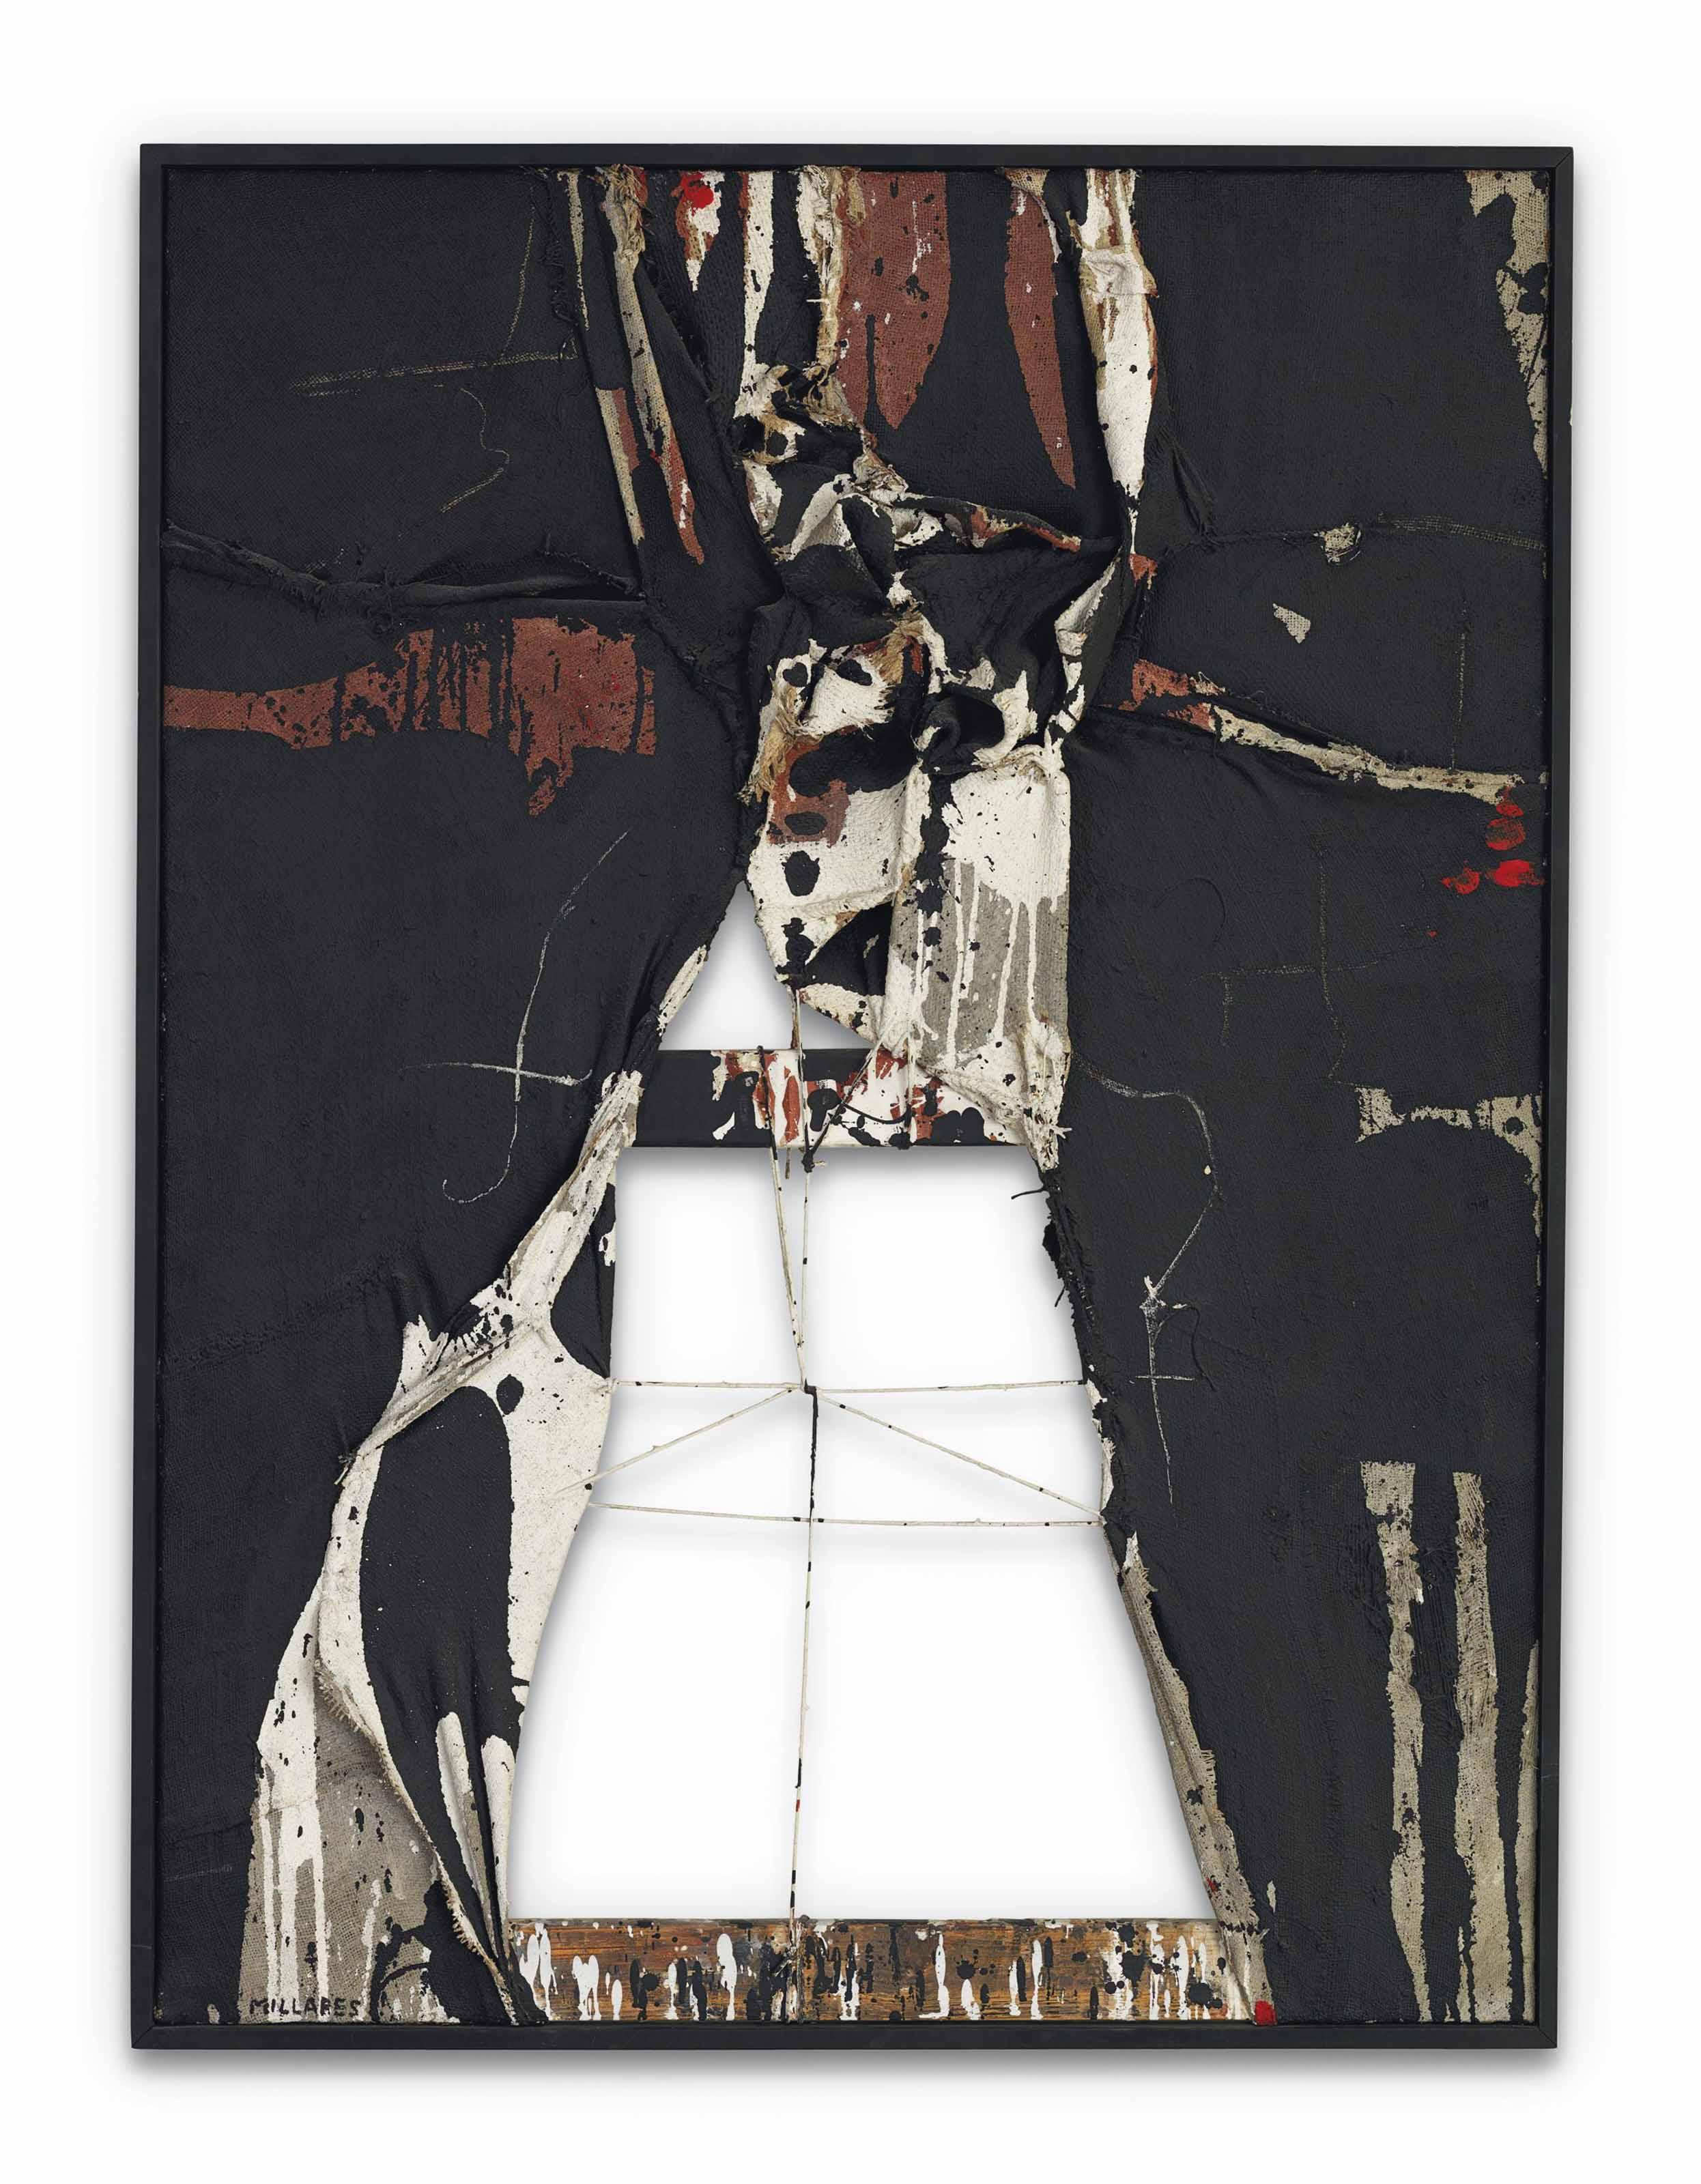 Cuadro 193 (Painting 193)